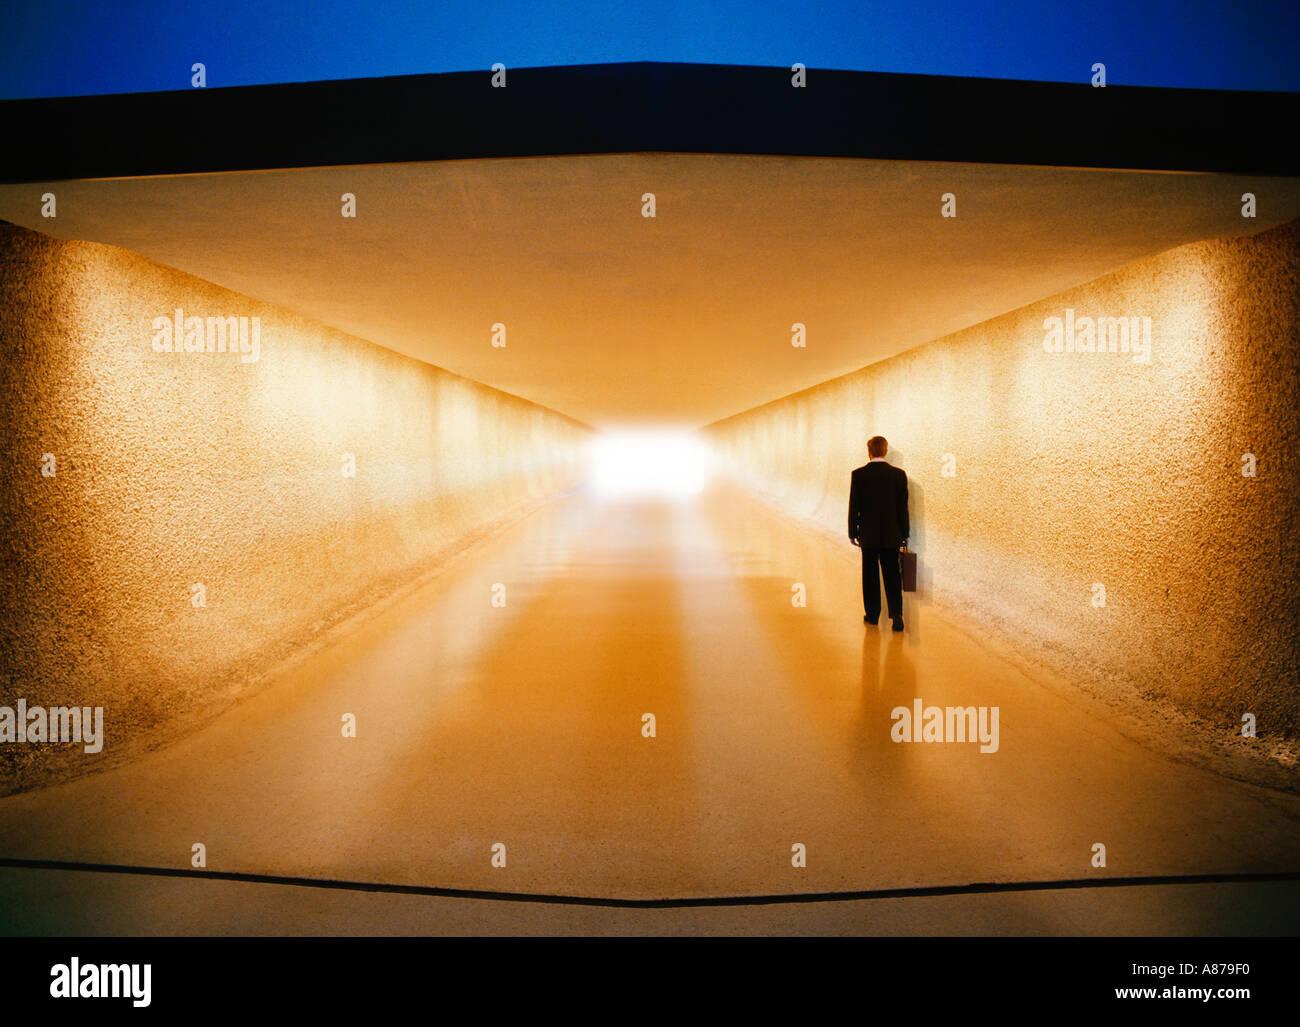 Empresario con maletín caminando por el corredor hacia la recogida de equipajes y transporte por tierra en un aeropuerto Foto de stock